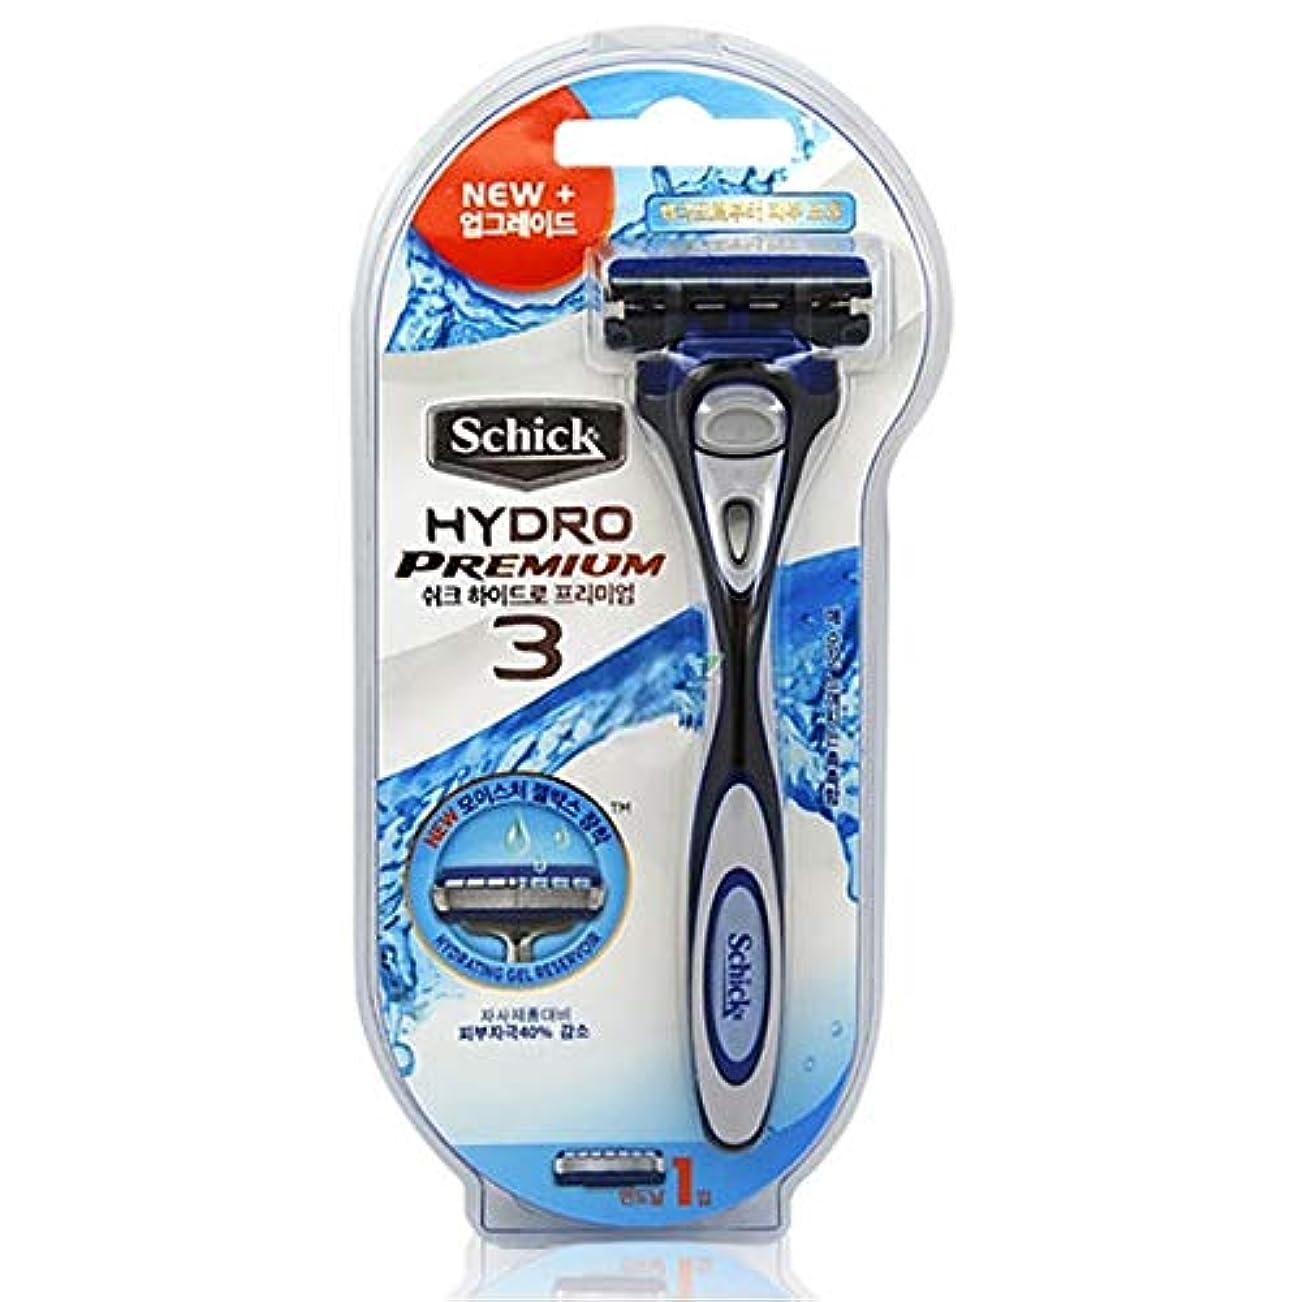 フリンジ測る彫刻Schick Hydro 3 Shaving Razor with 1 カートリッジ [並行輸入品]